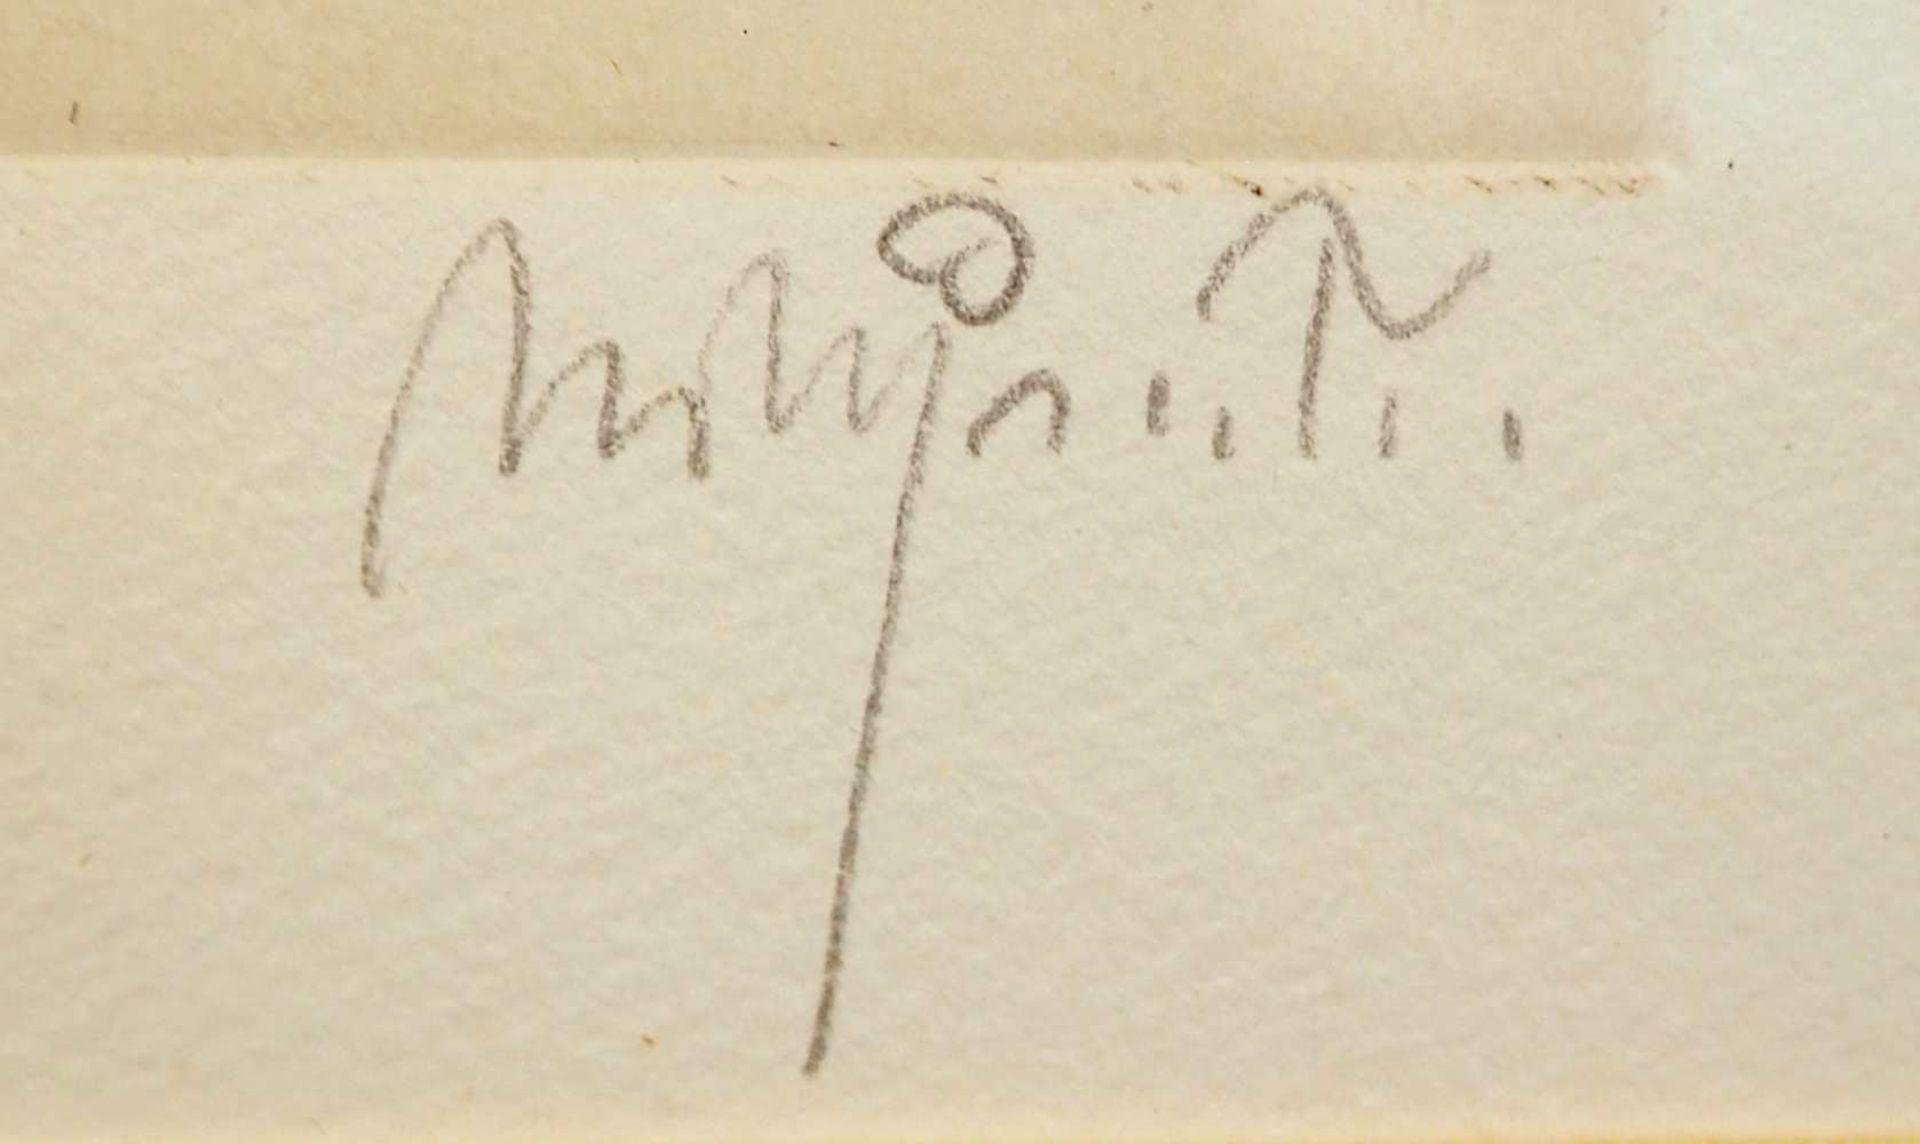 """1 Farbradierung R.u. bleistiftsign. M. M. PRECHTL (wohl Michael Mathias P. 1926-2003), """"Voltaire - Bild 3 aus 5"""